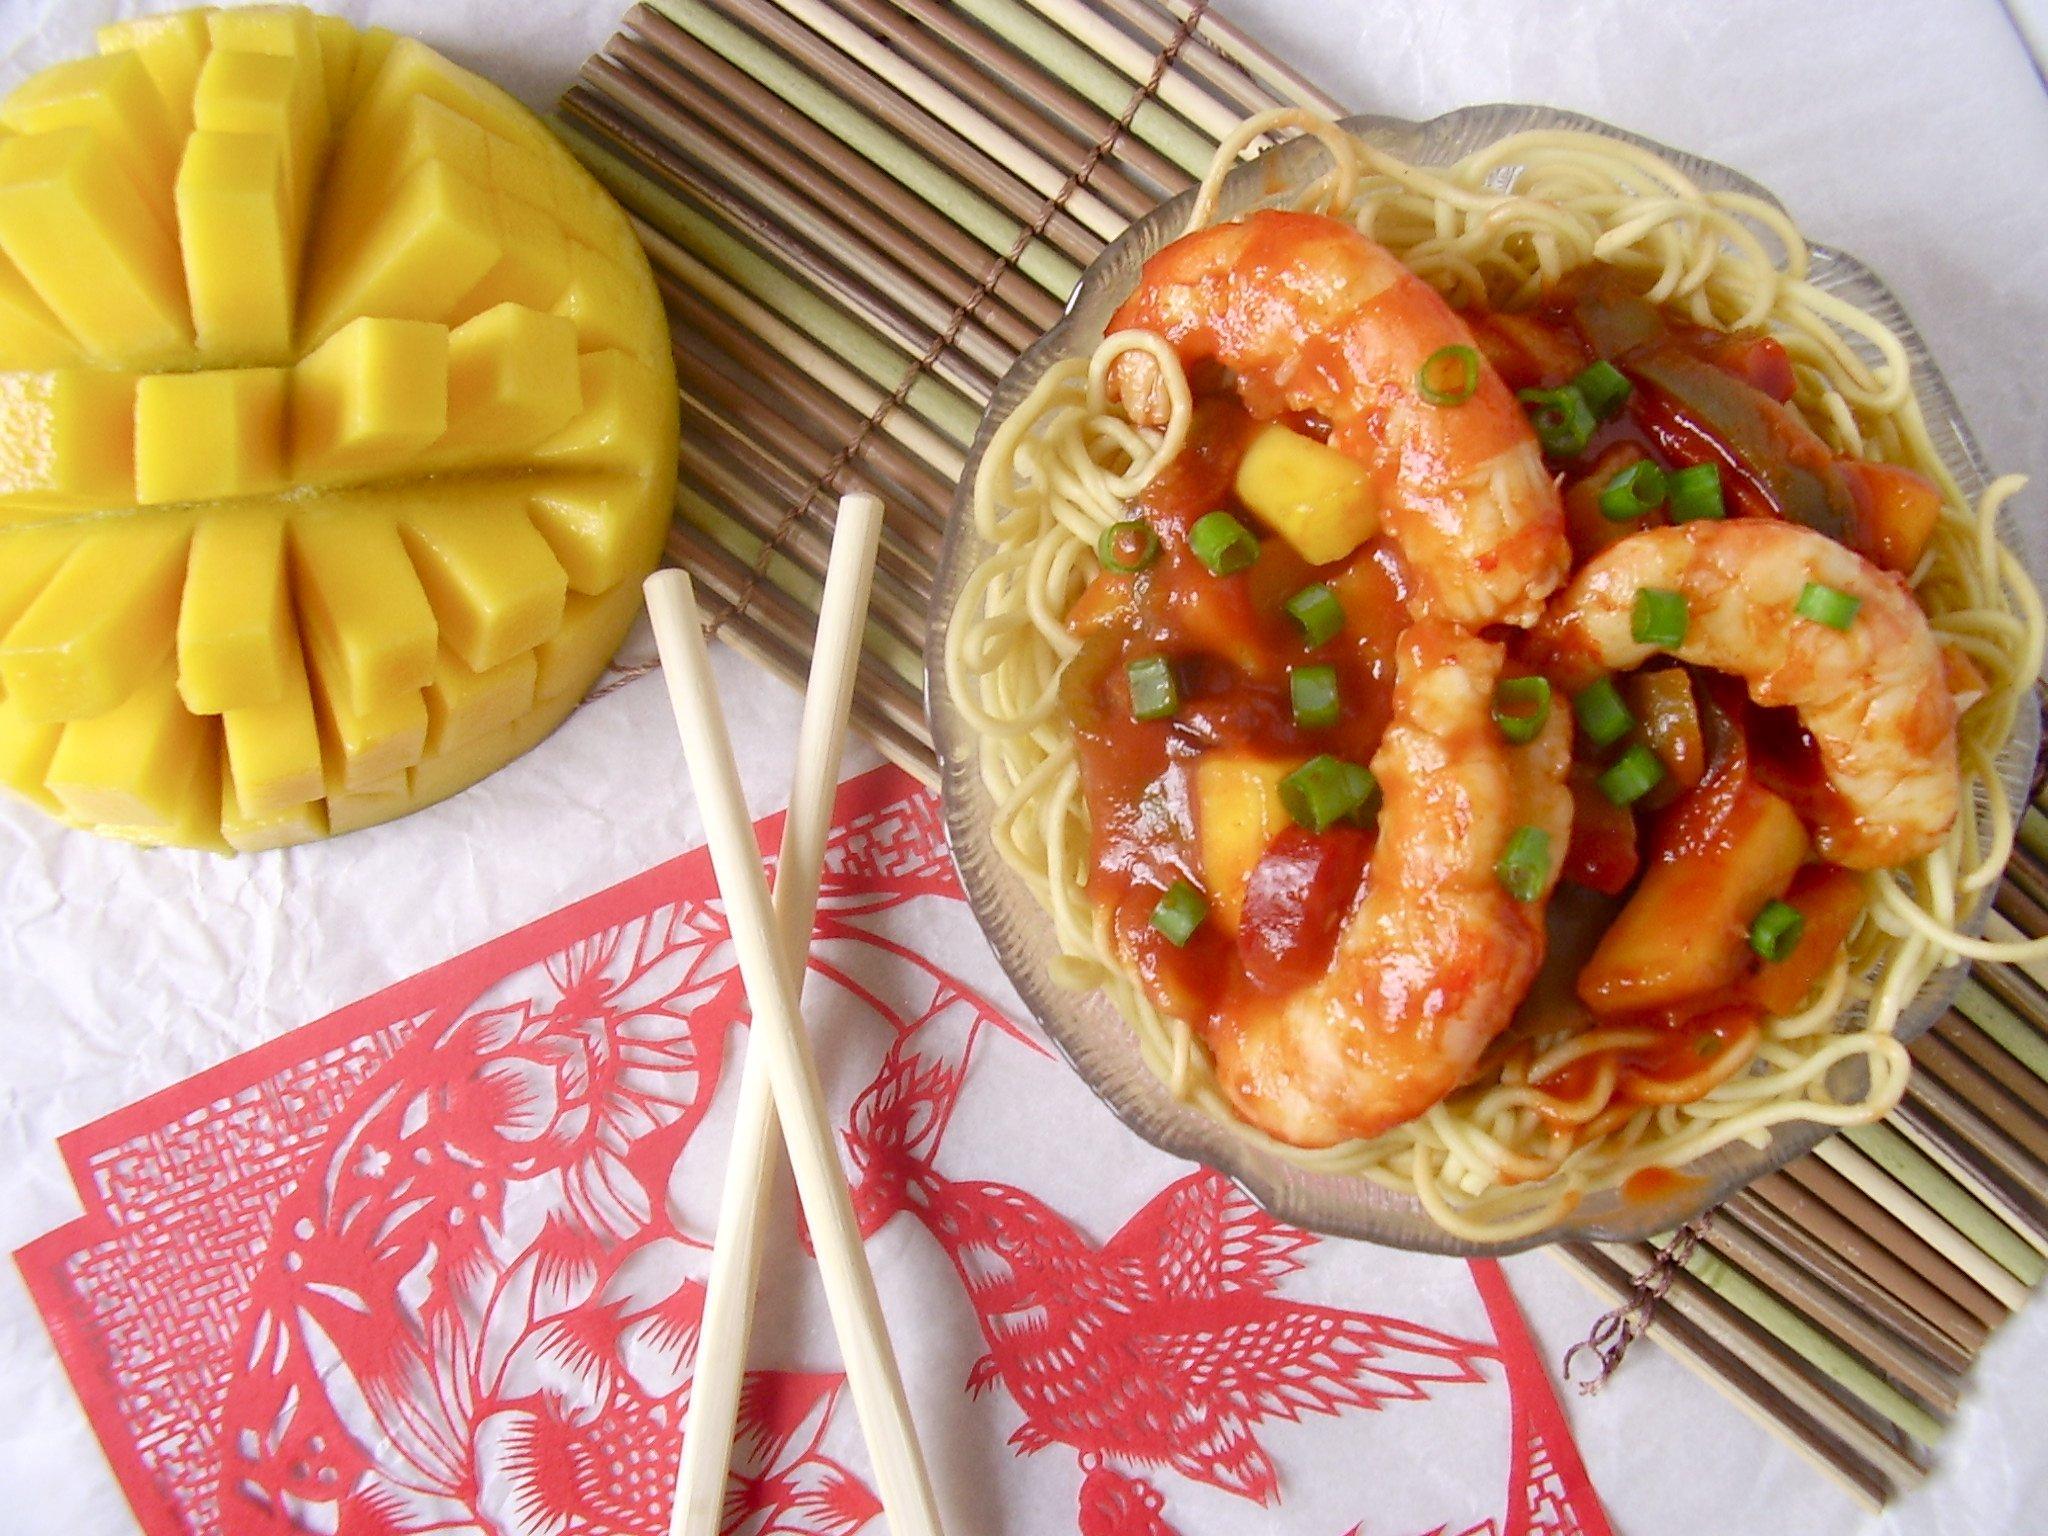 Crevettes sauce aigre douce à la mangue